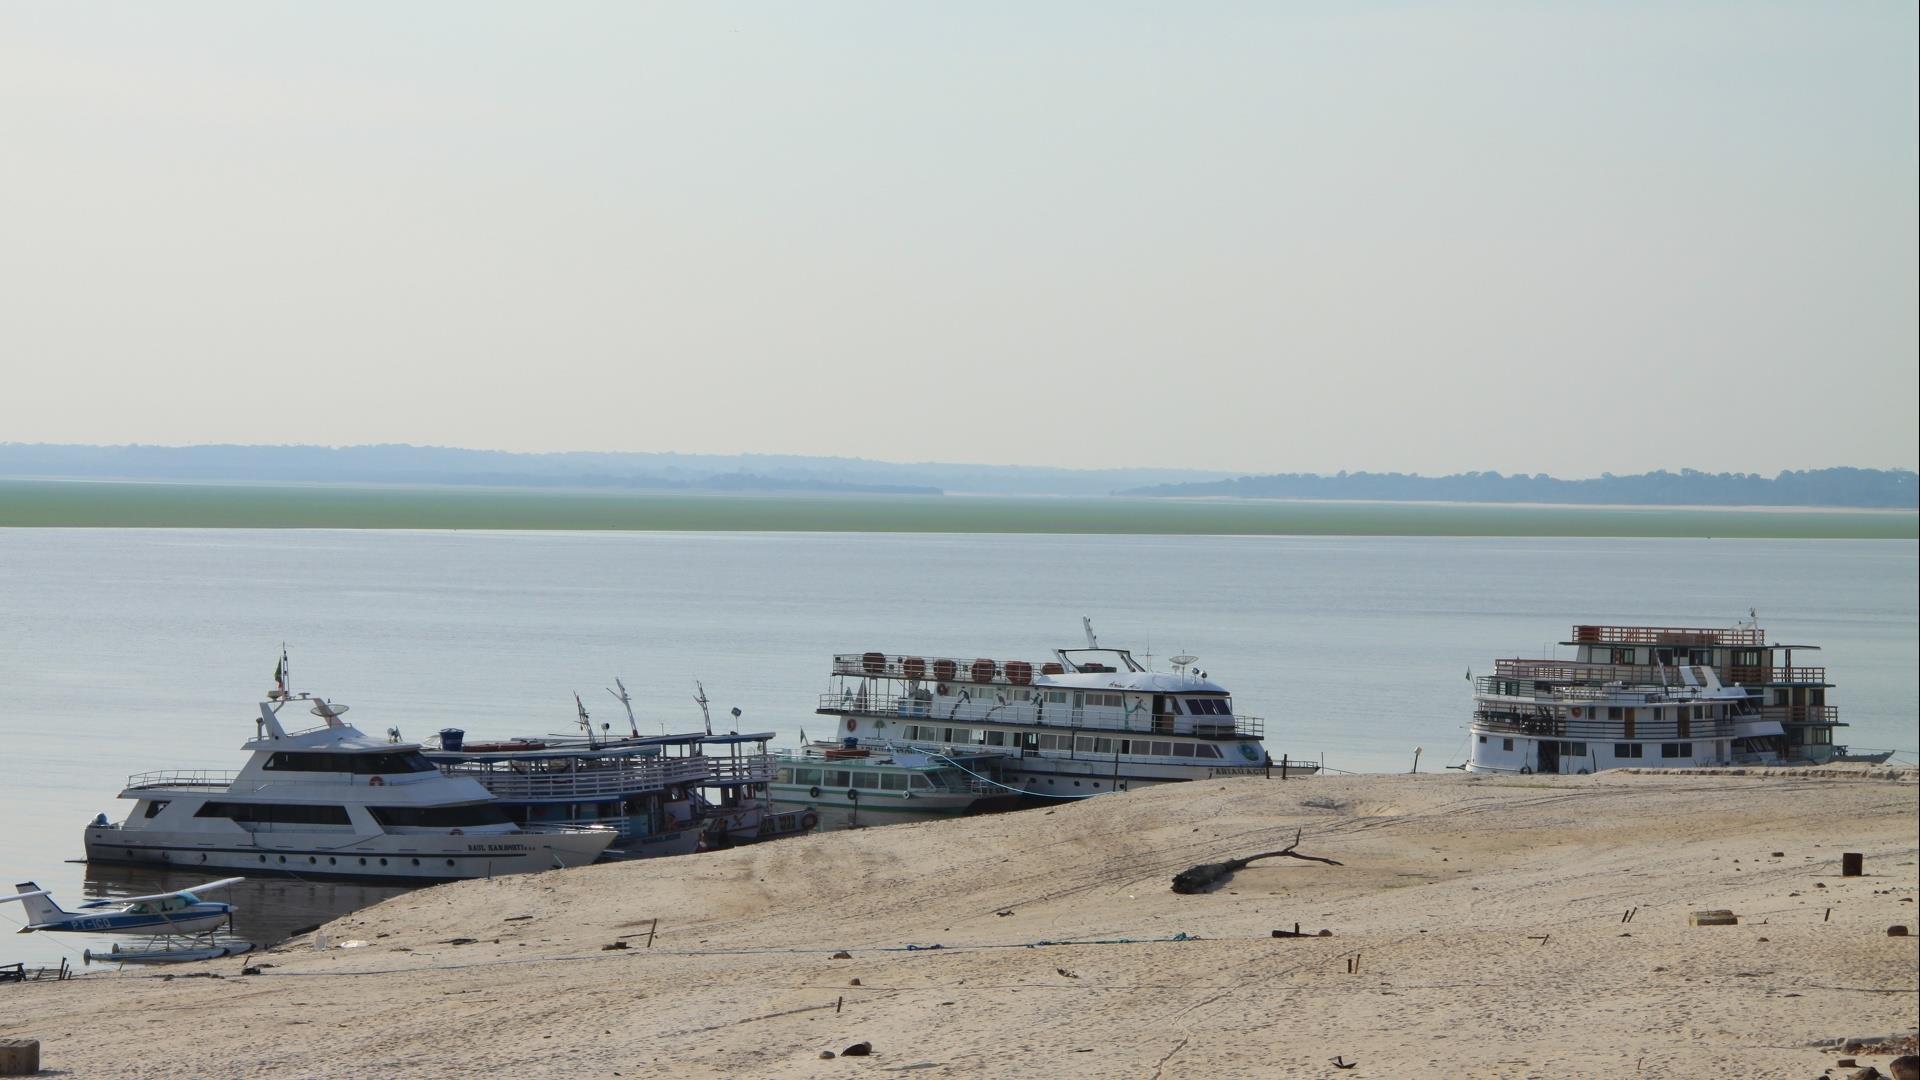 Brasilien Amazonas: 8 Tage Reisebaustein - Schiffsexpedition Jau in Kleingruppe